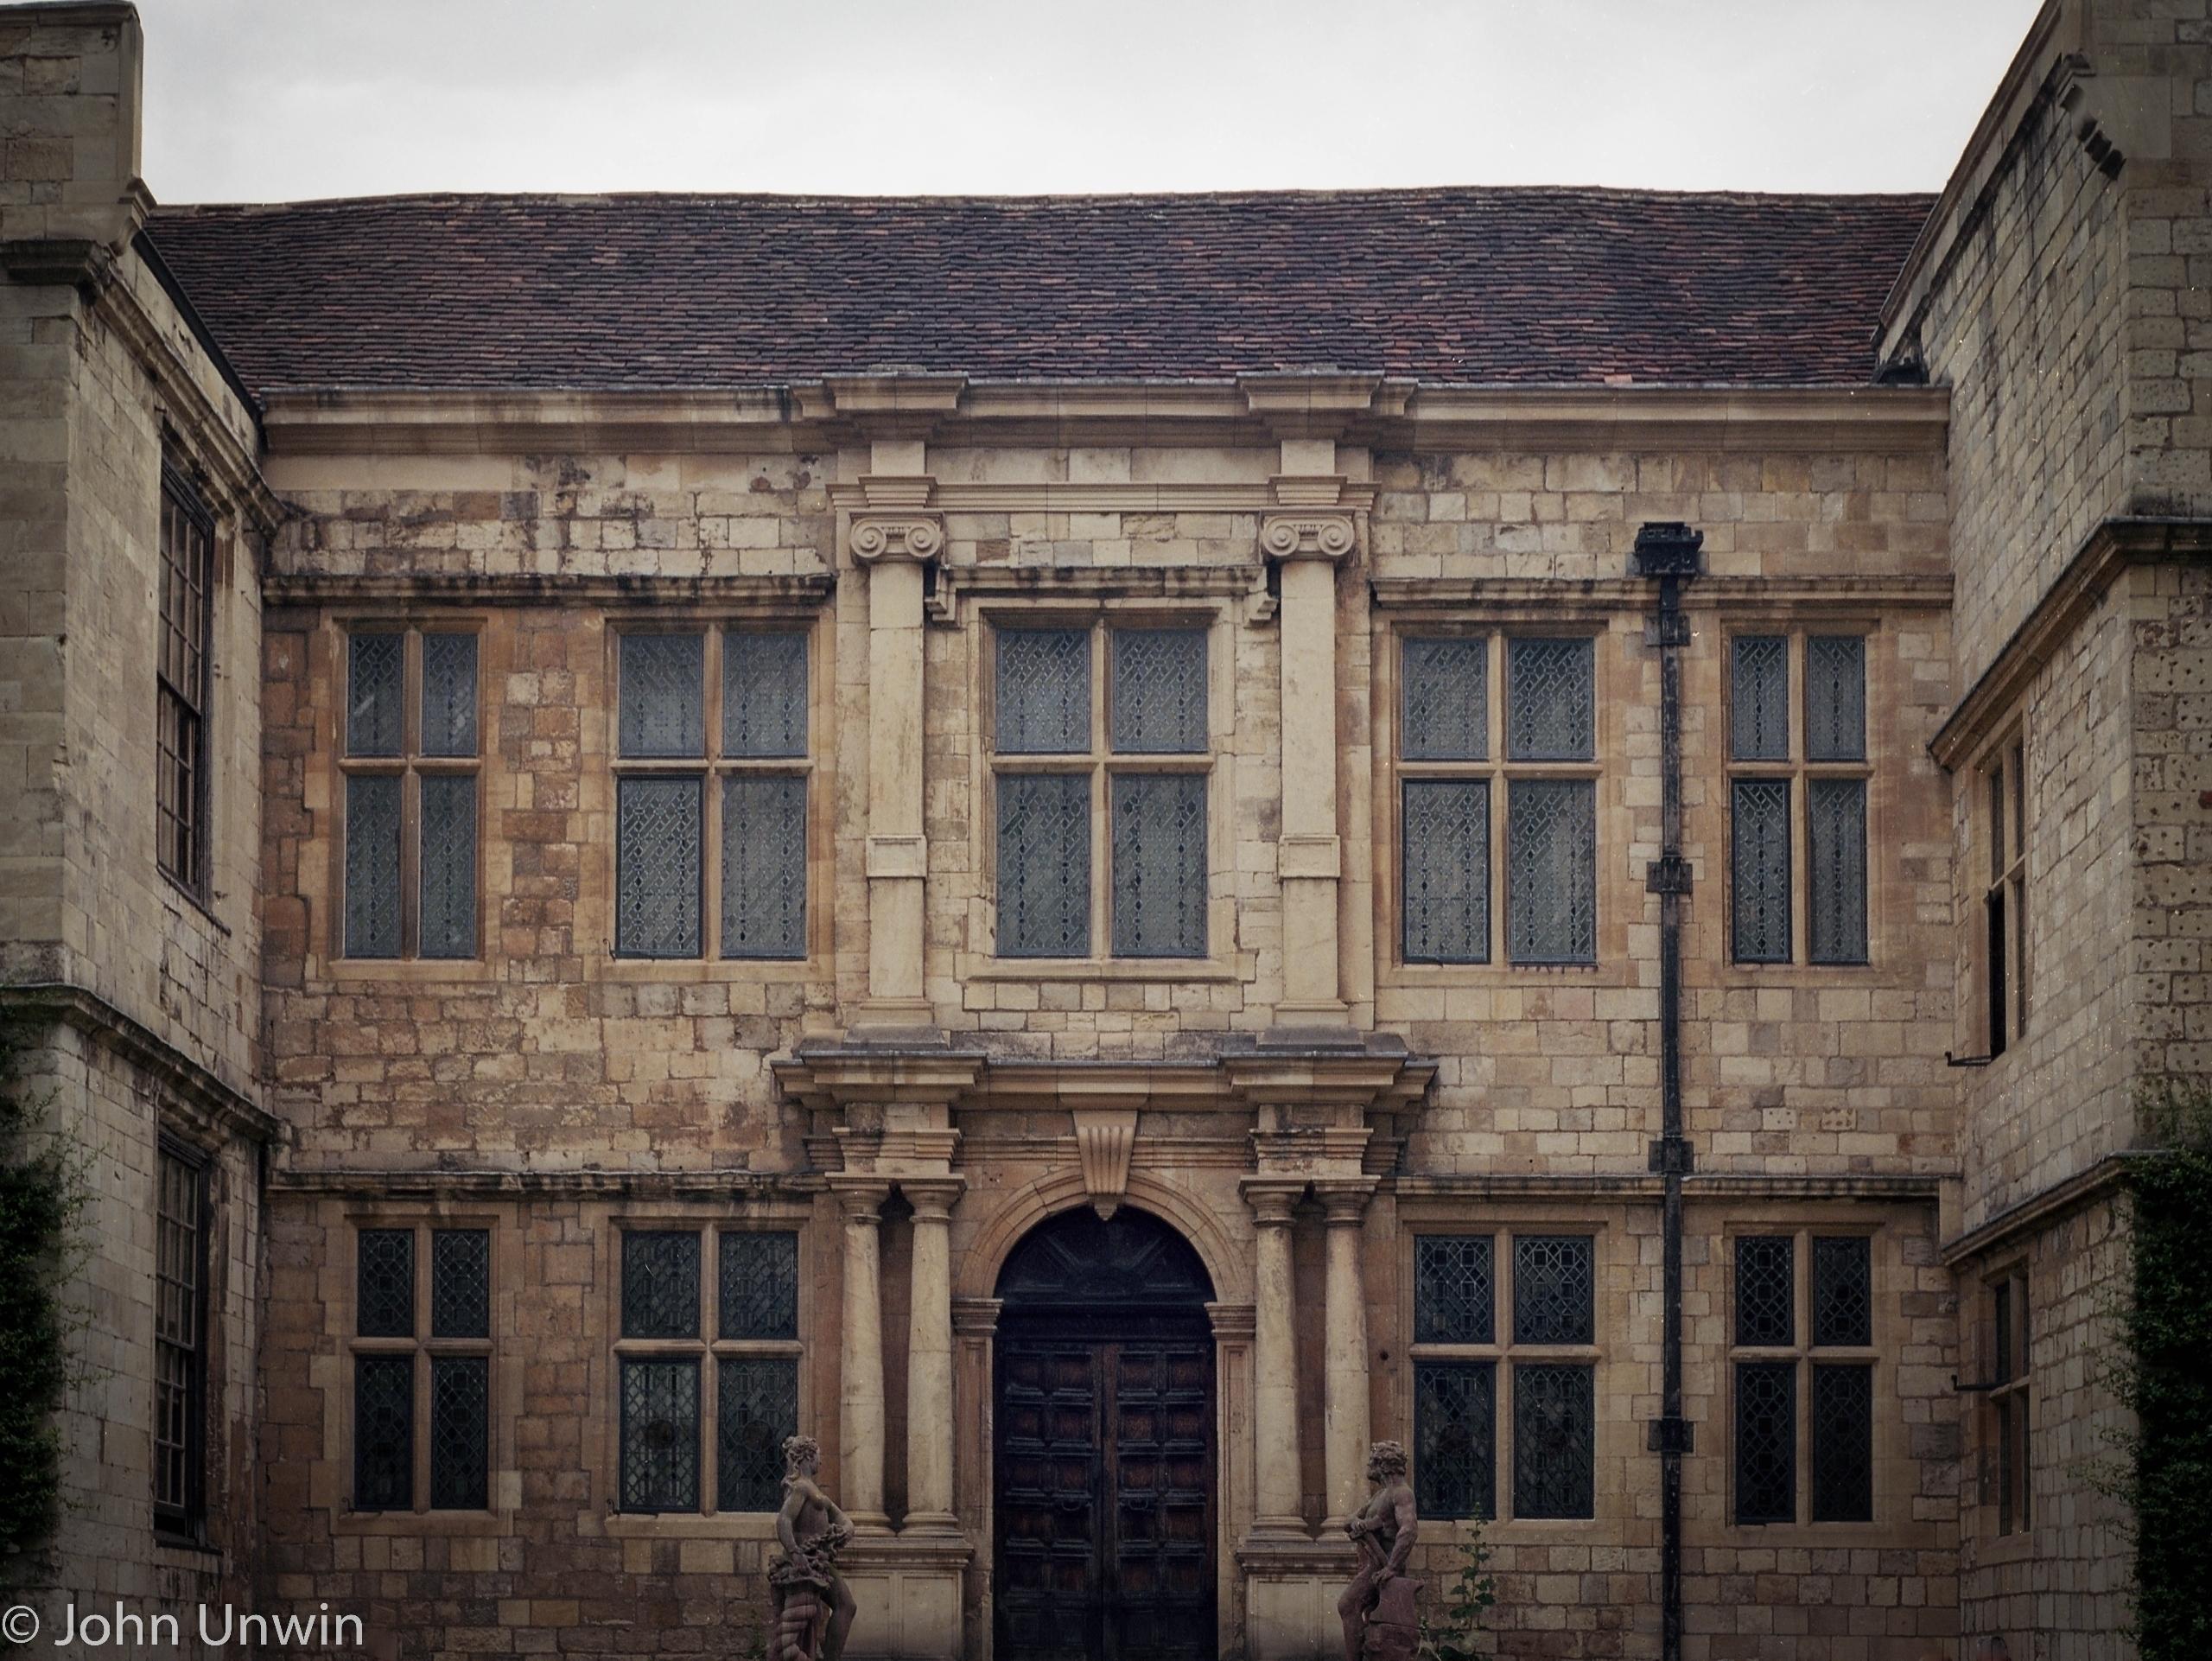 House - York built present form - junwin | ello